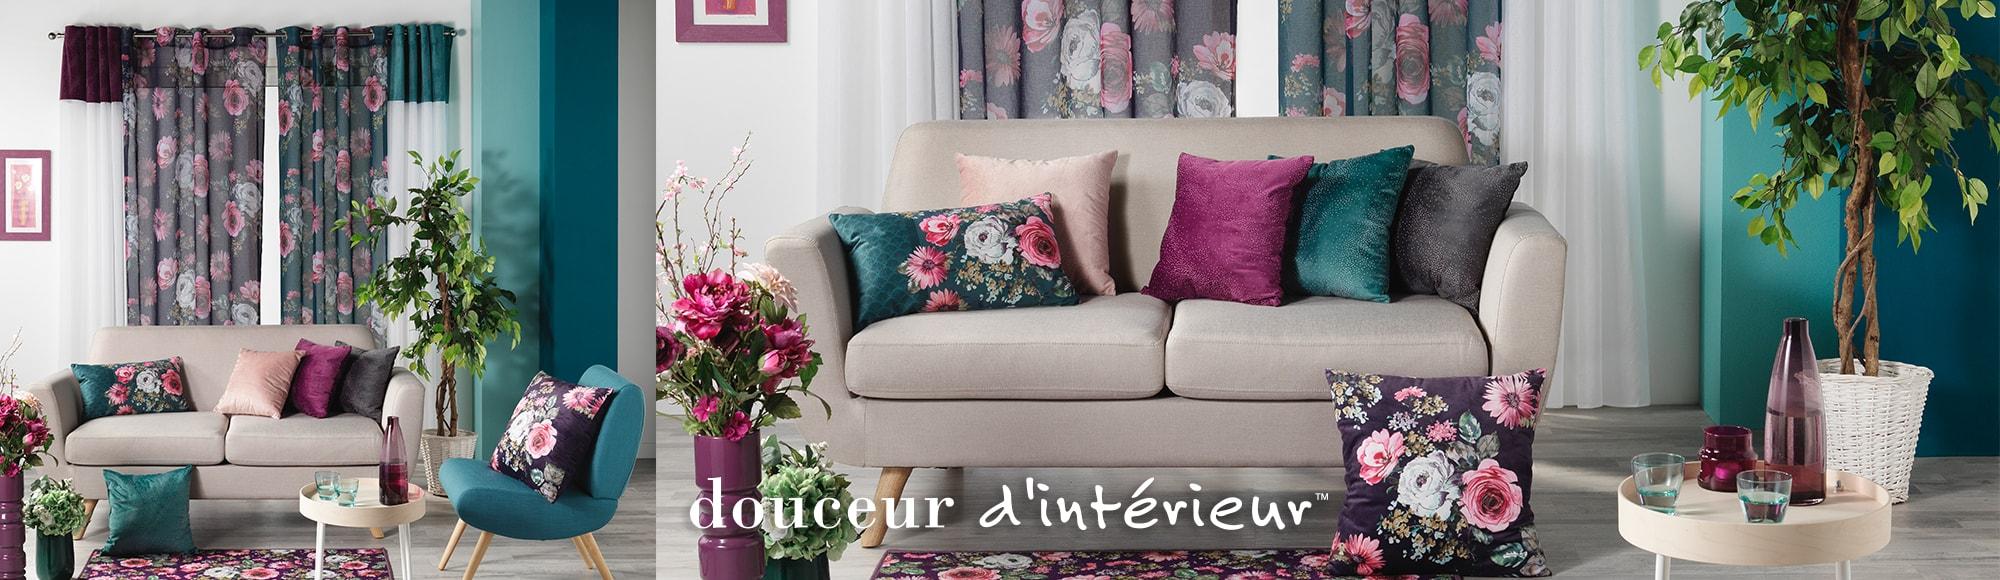 U10 - Fournisseur en décoration d'intérieur - marque douceur d'interieur - ameublement deco - theme flower life